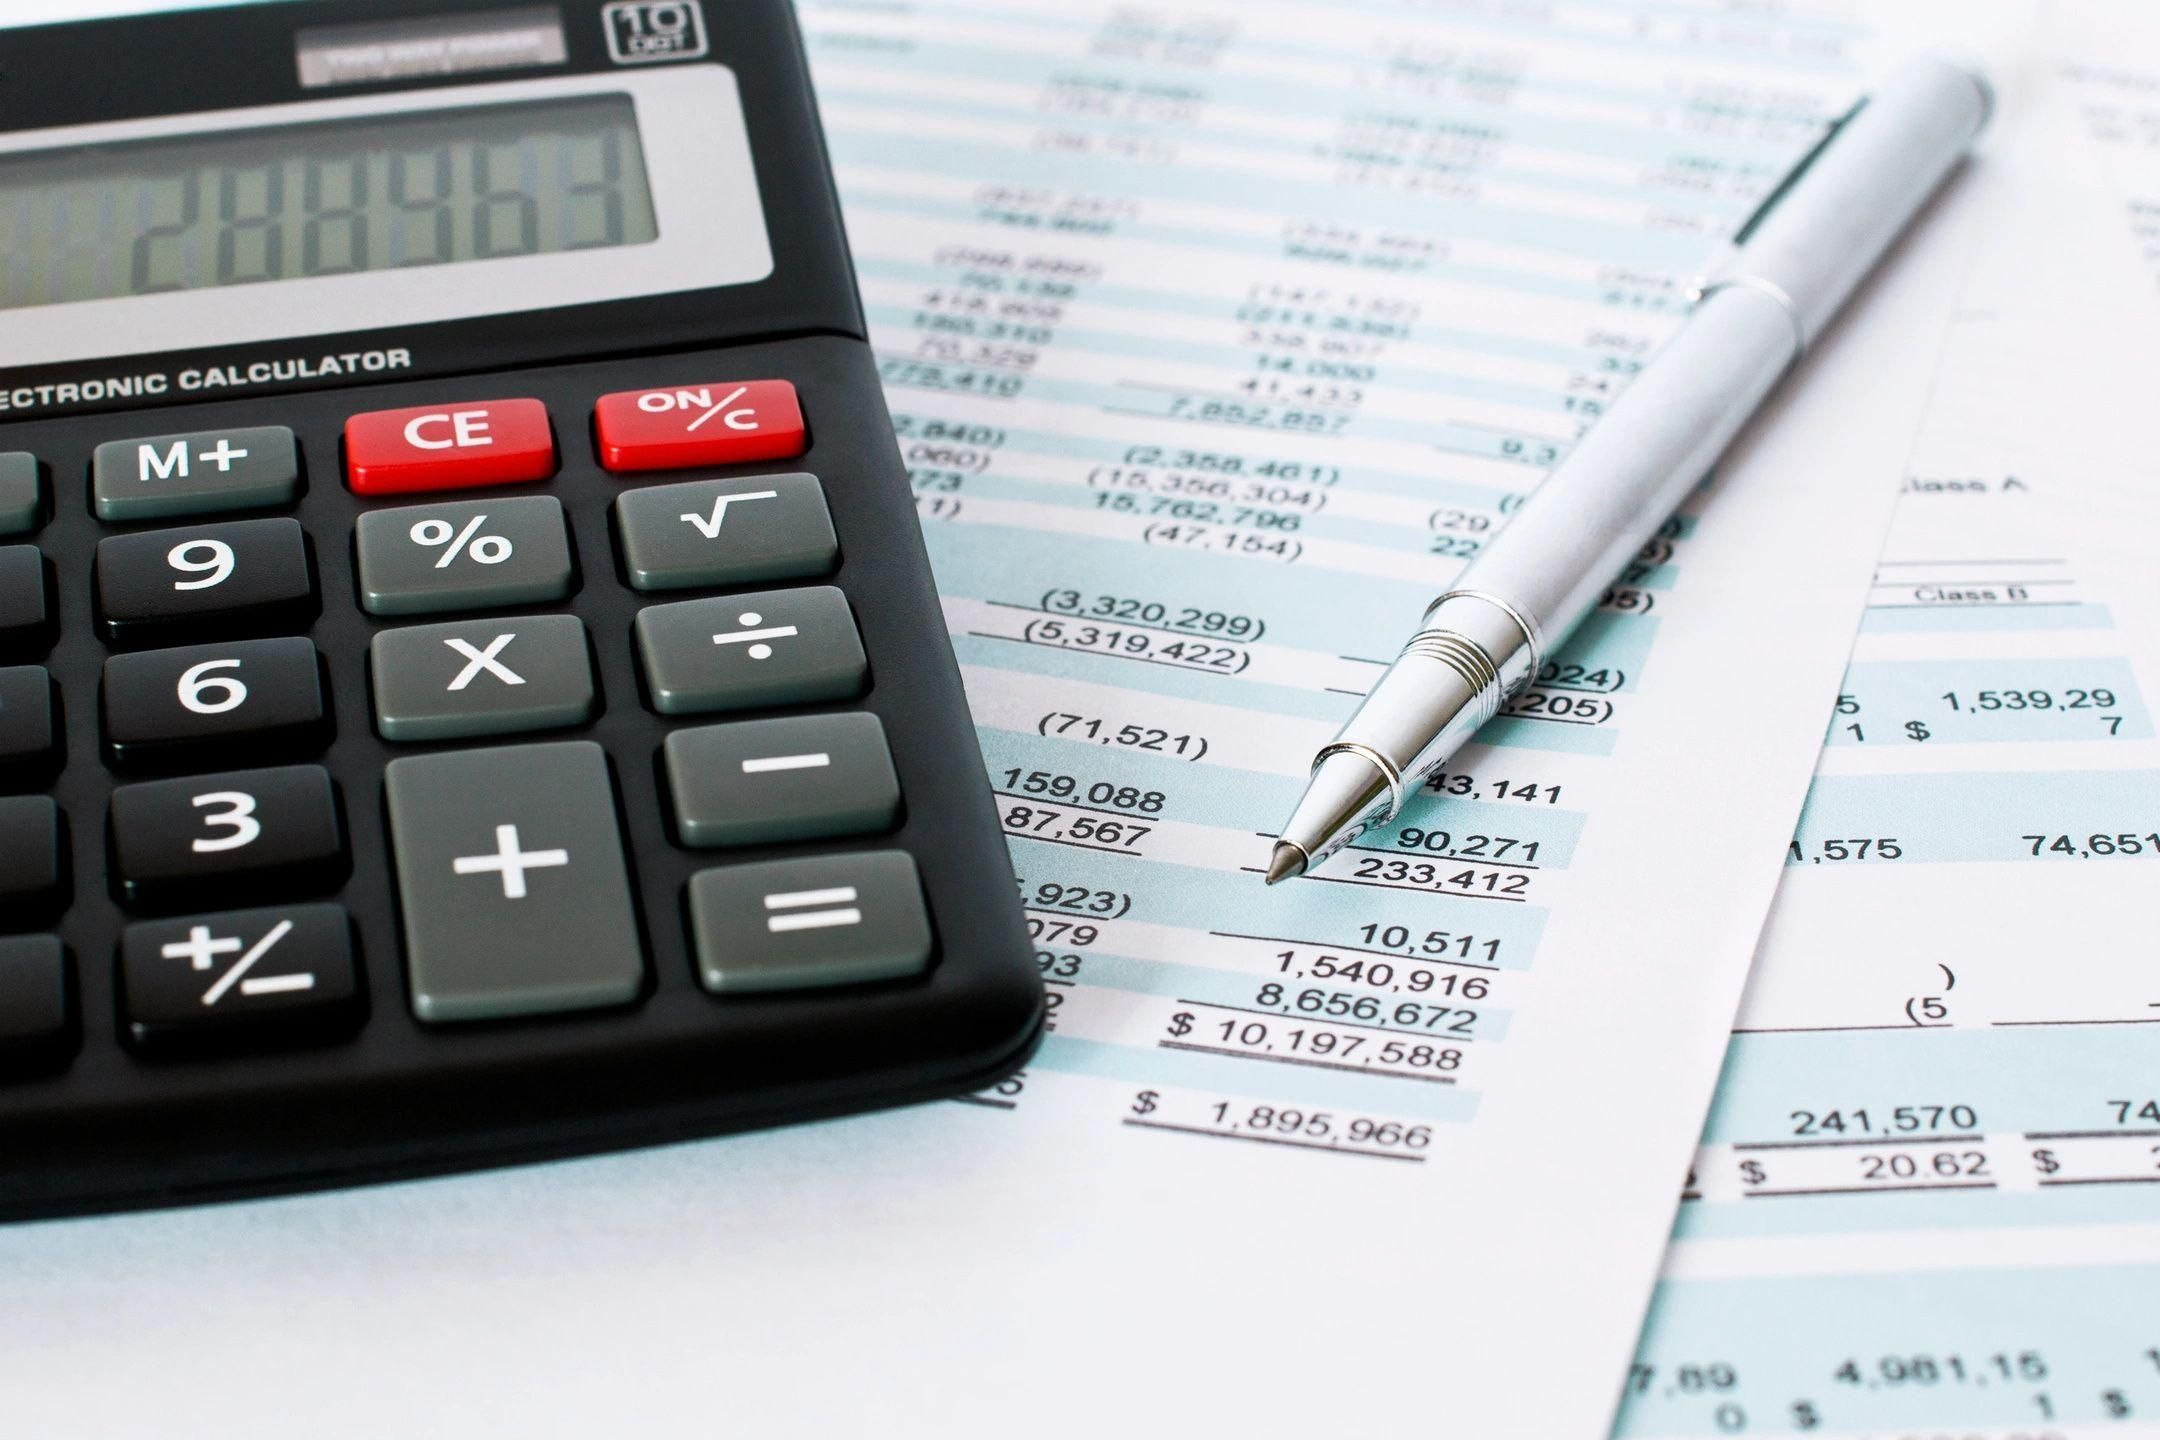 банк заявка на кредит онлайн стерлитамак